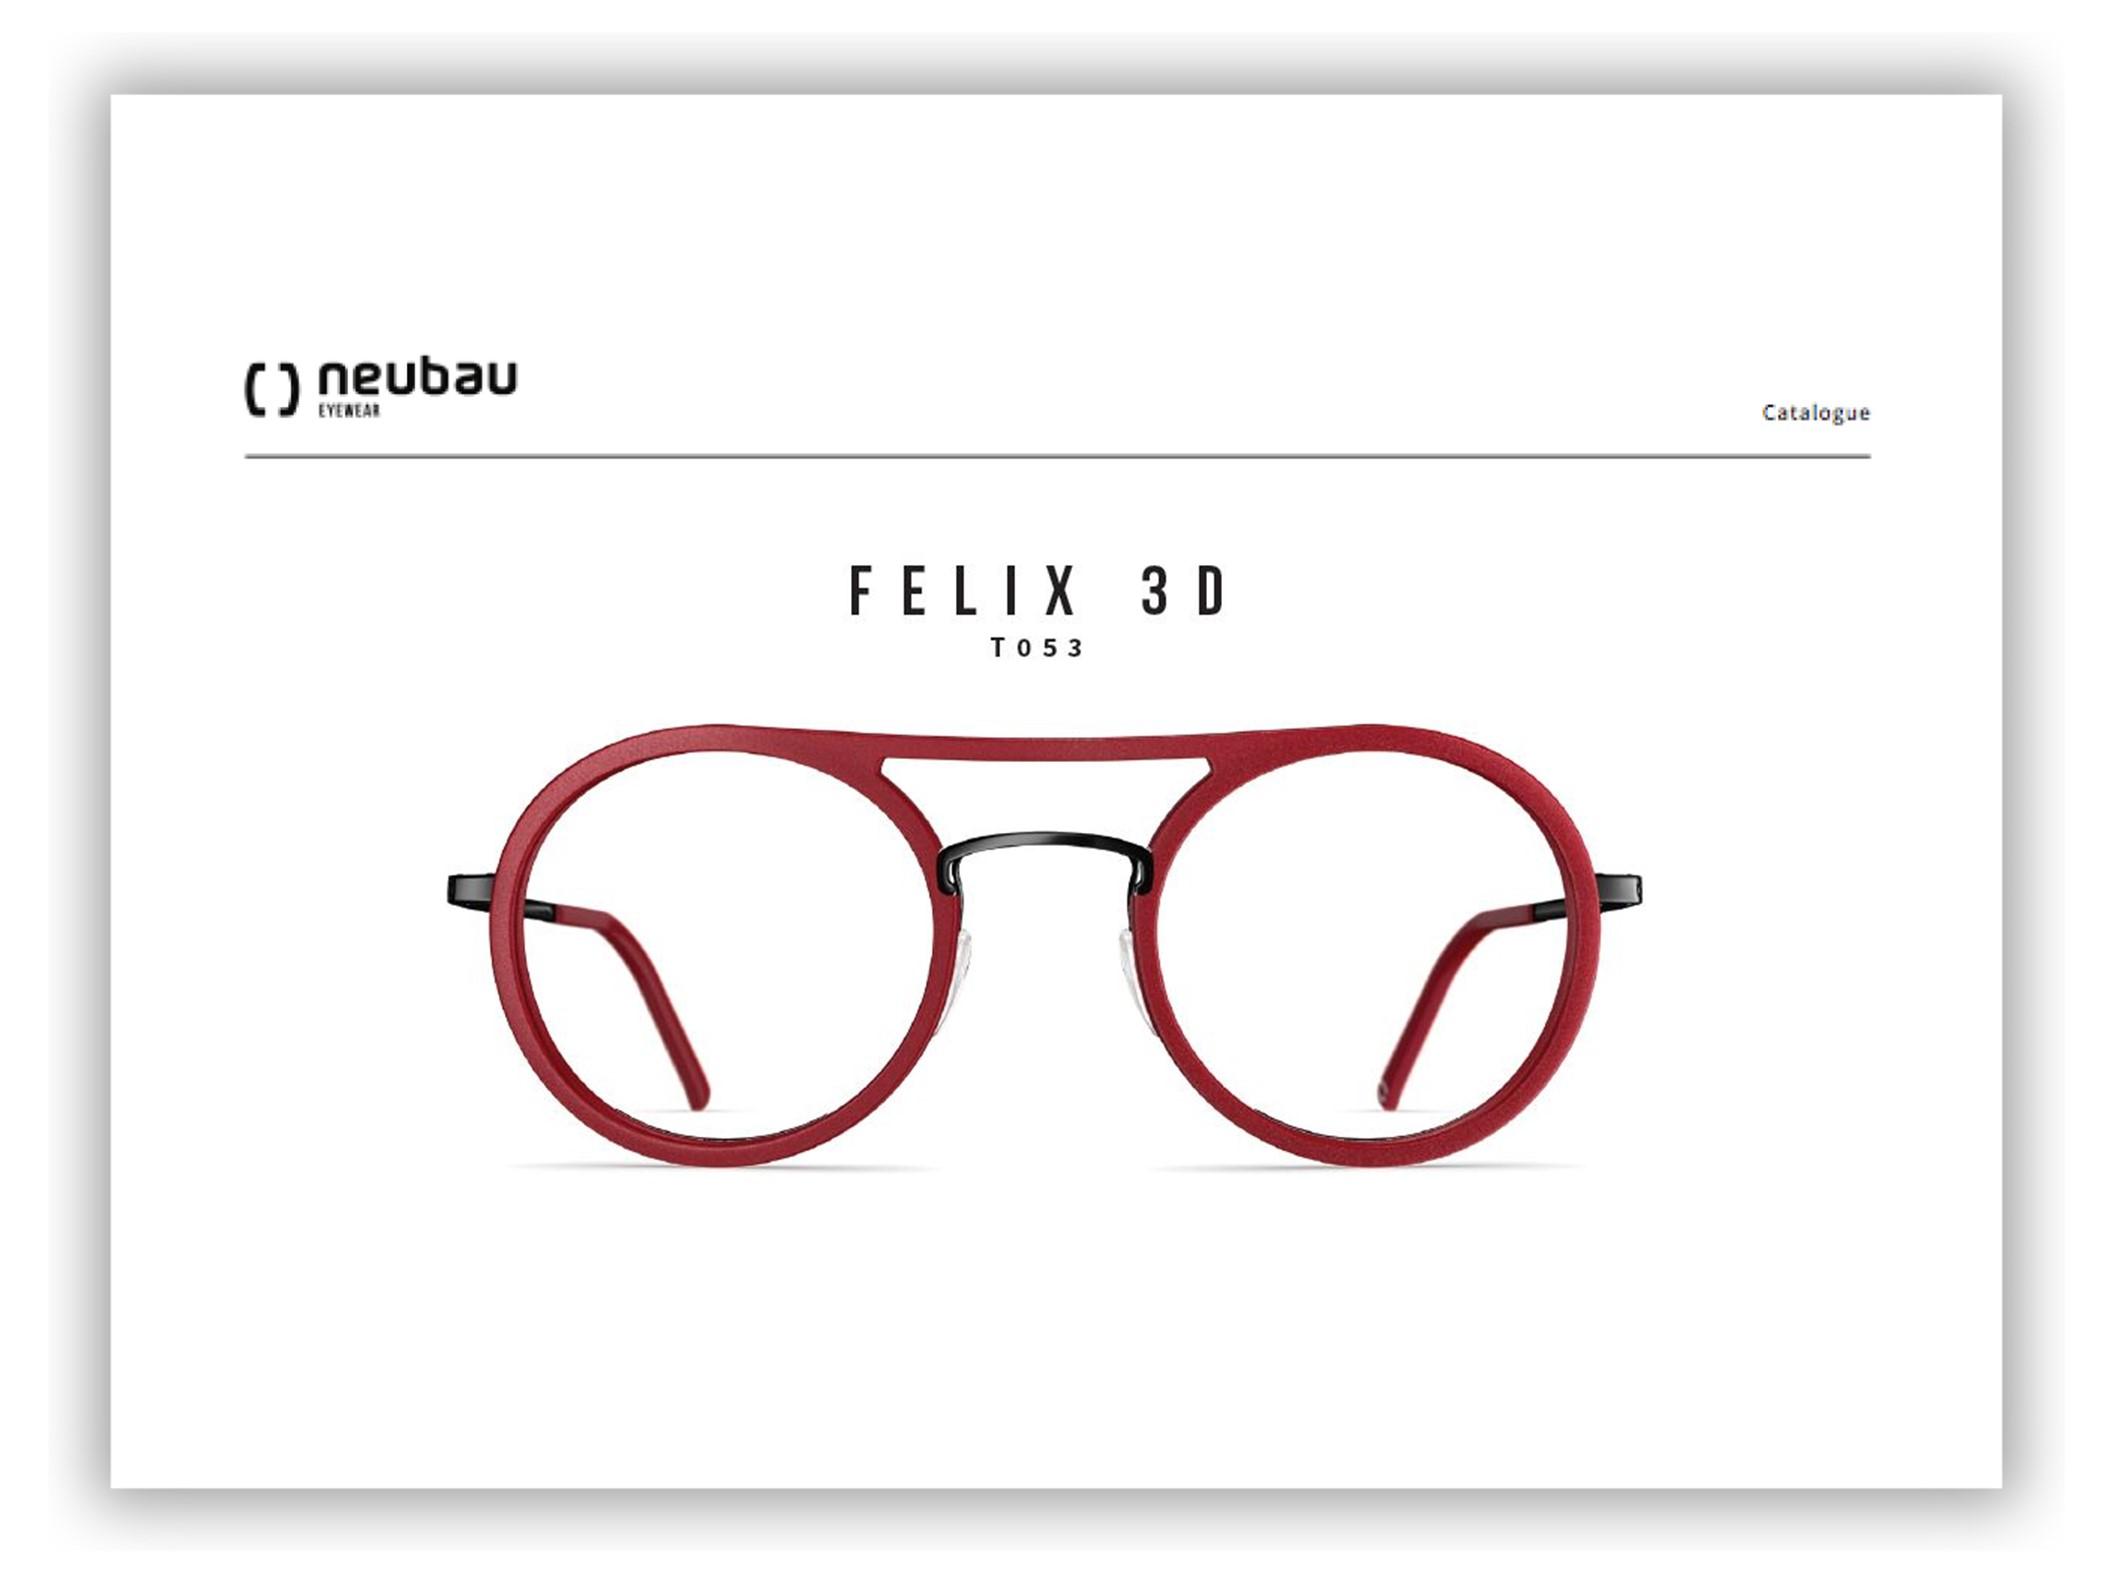 FELIZ 3D T053 1